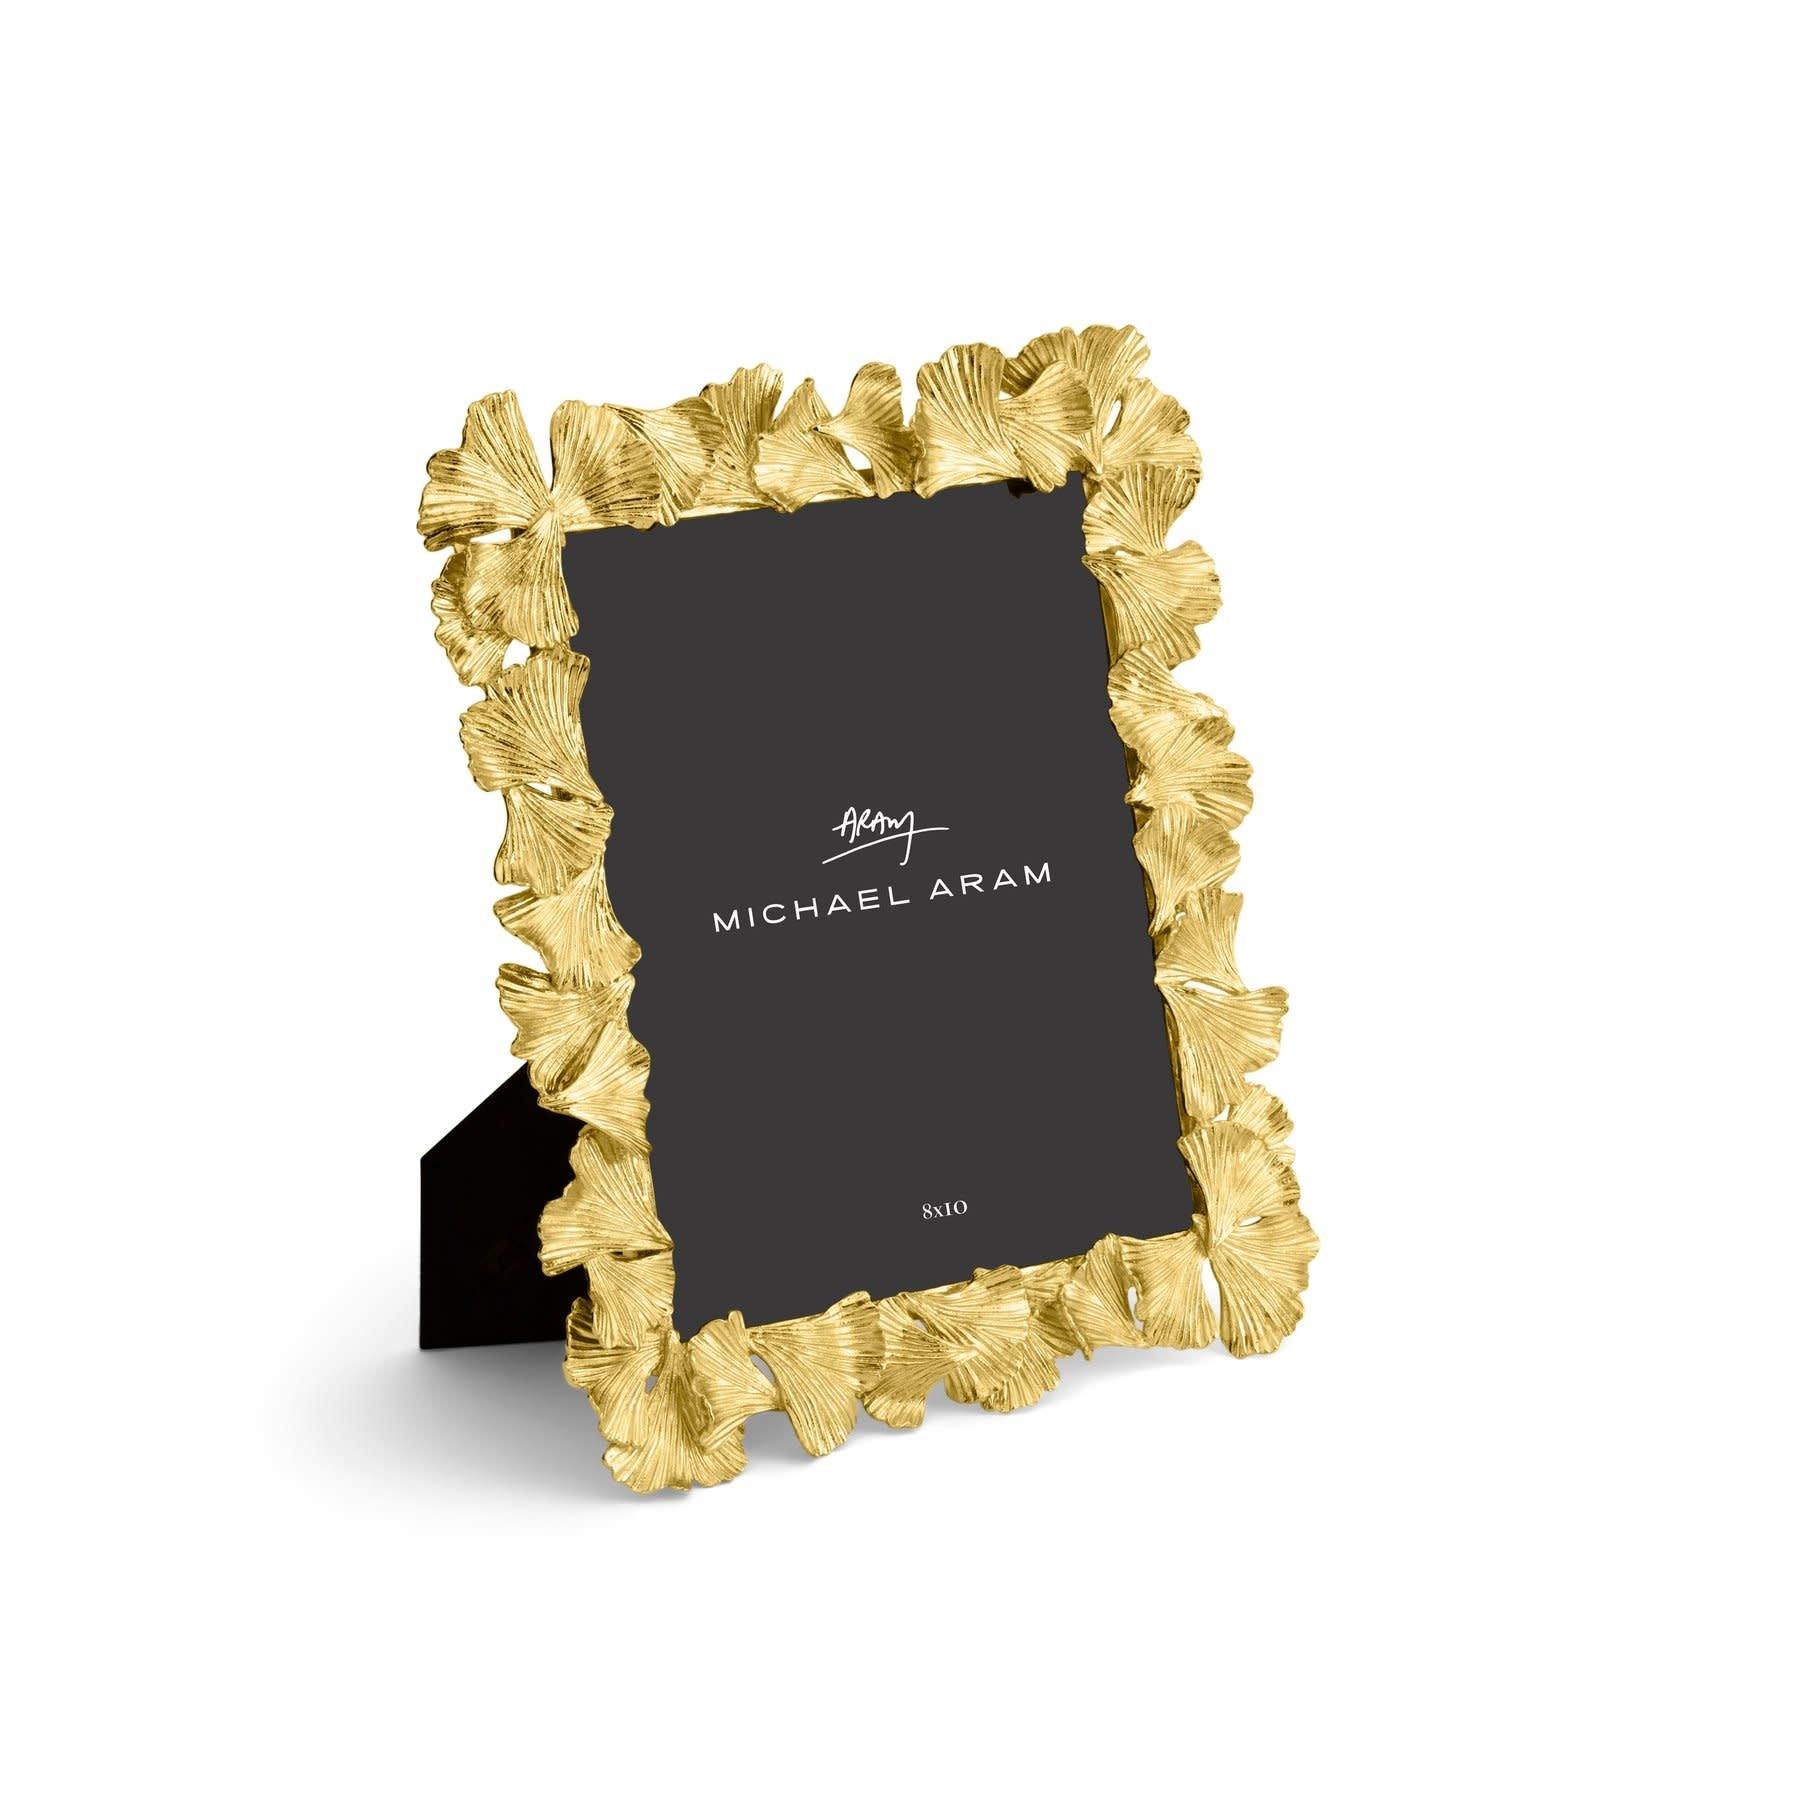 Michael Aram Golden Ginkgo Frame 8x10